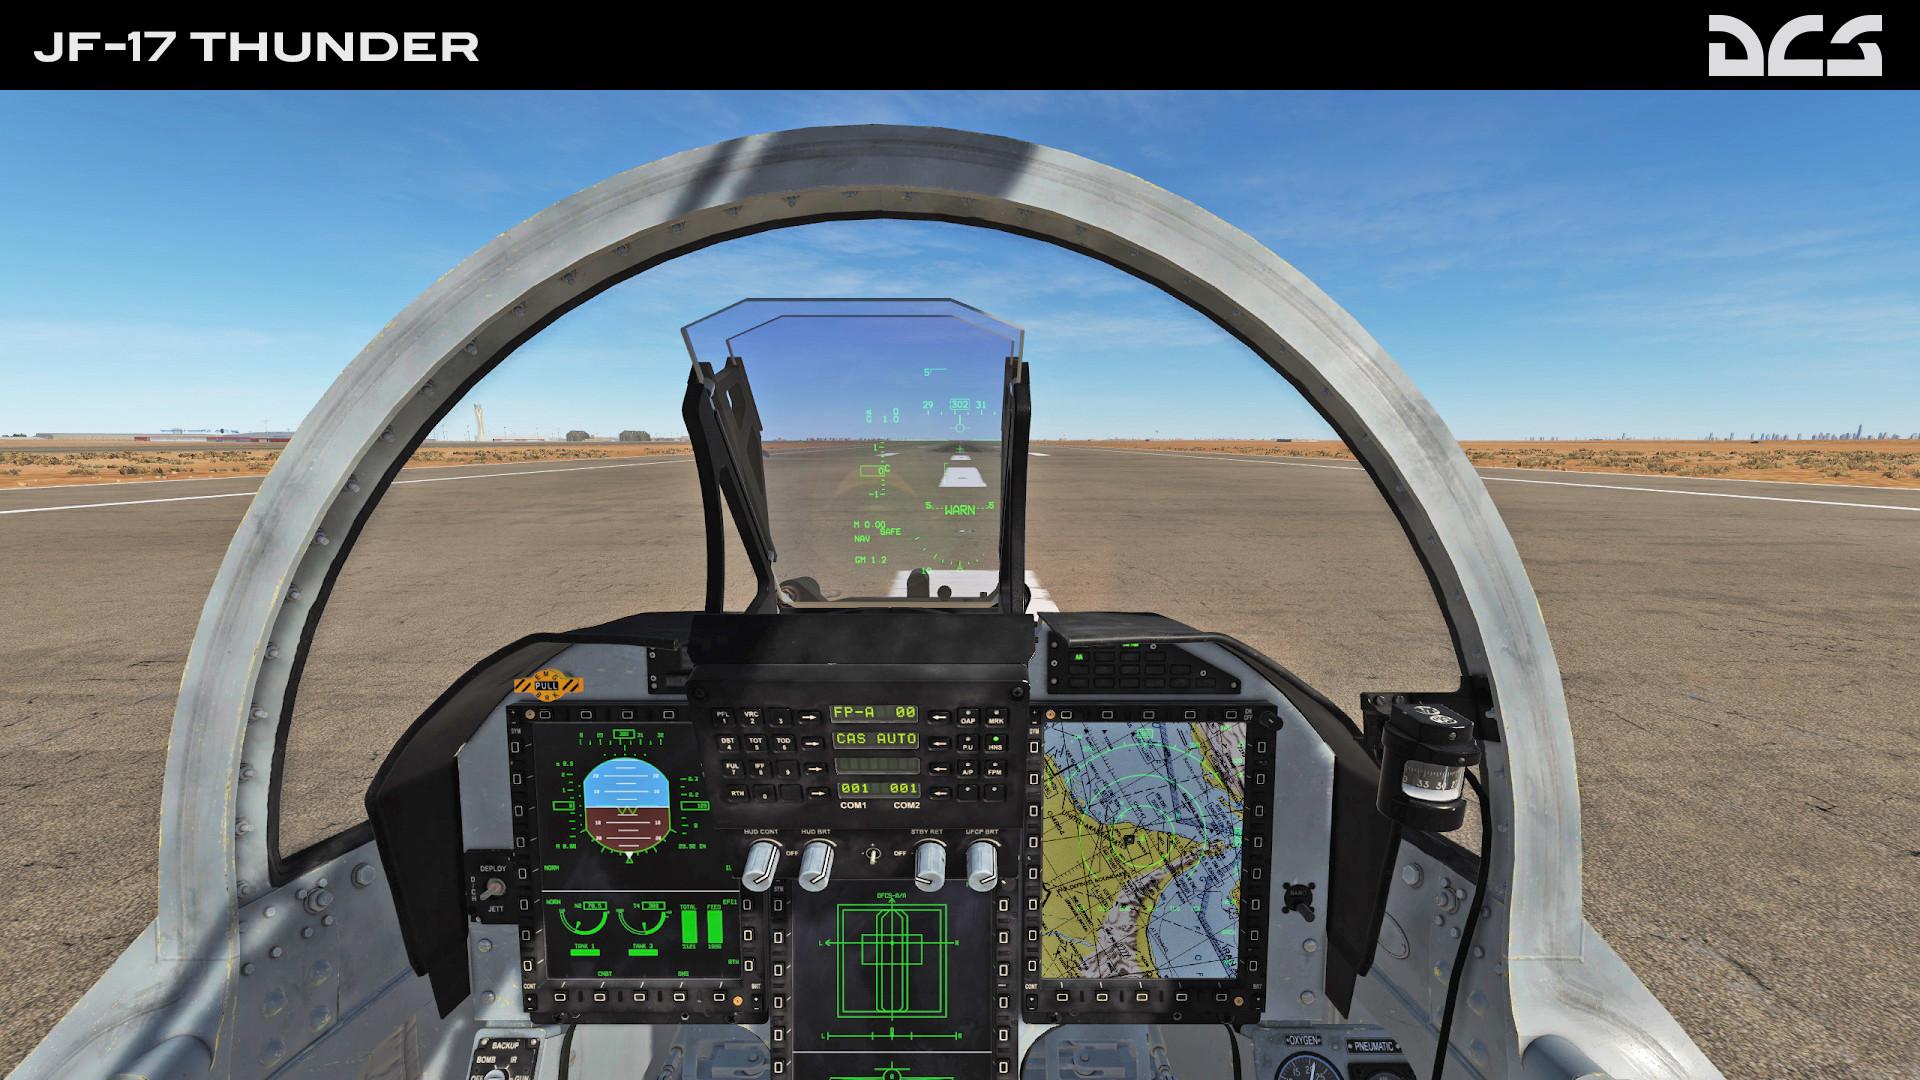 DCS: JF-17 Thunder